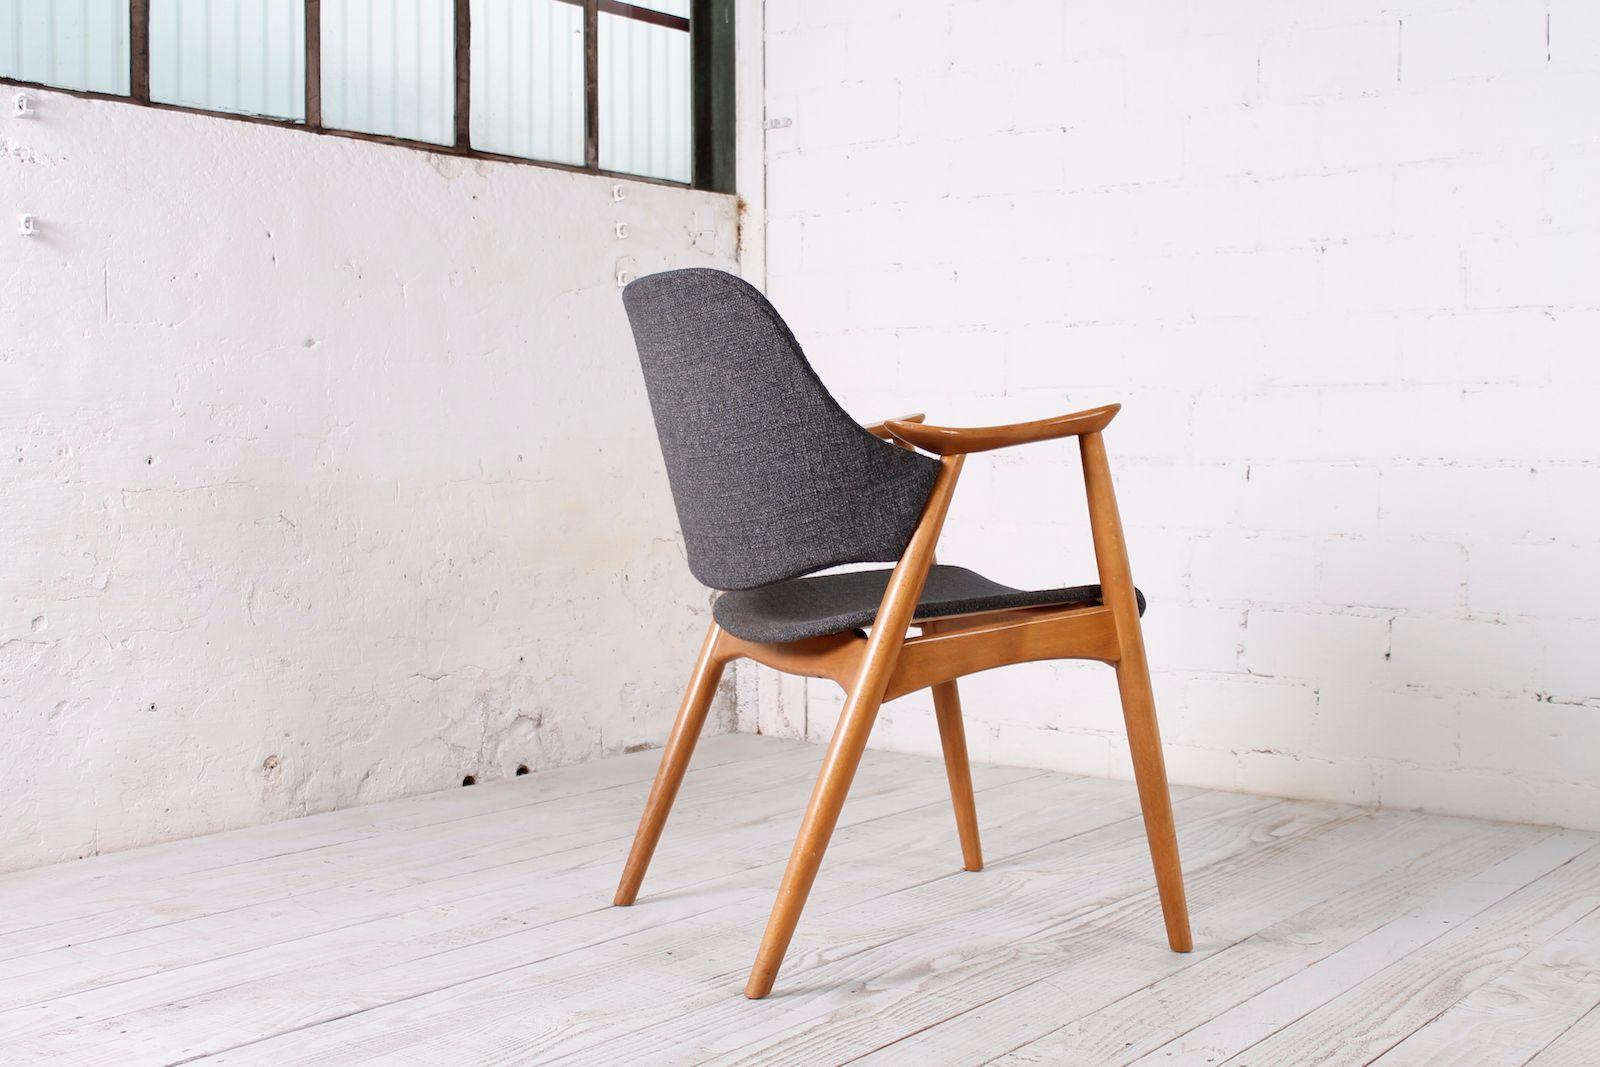 Stuhl aus buche 1950er bei pamono kaufen for Stuhl buche